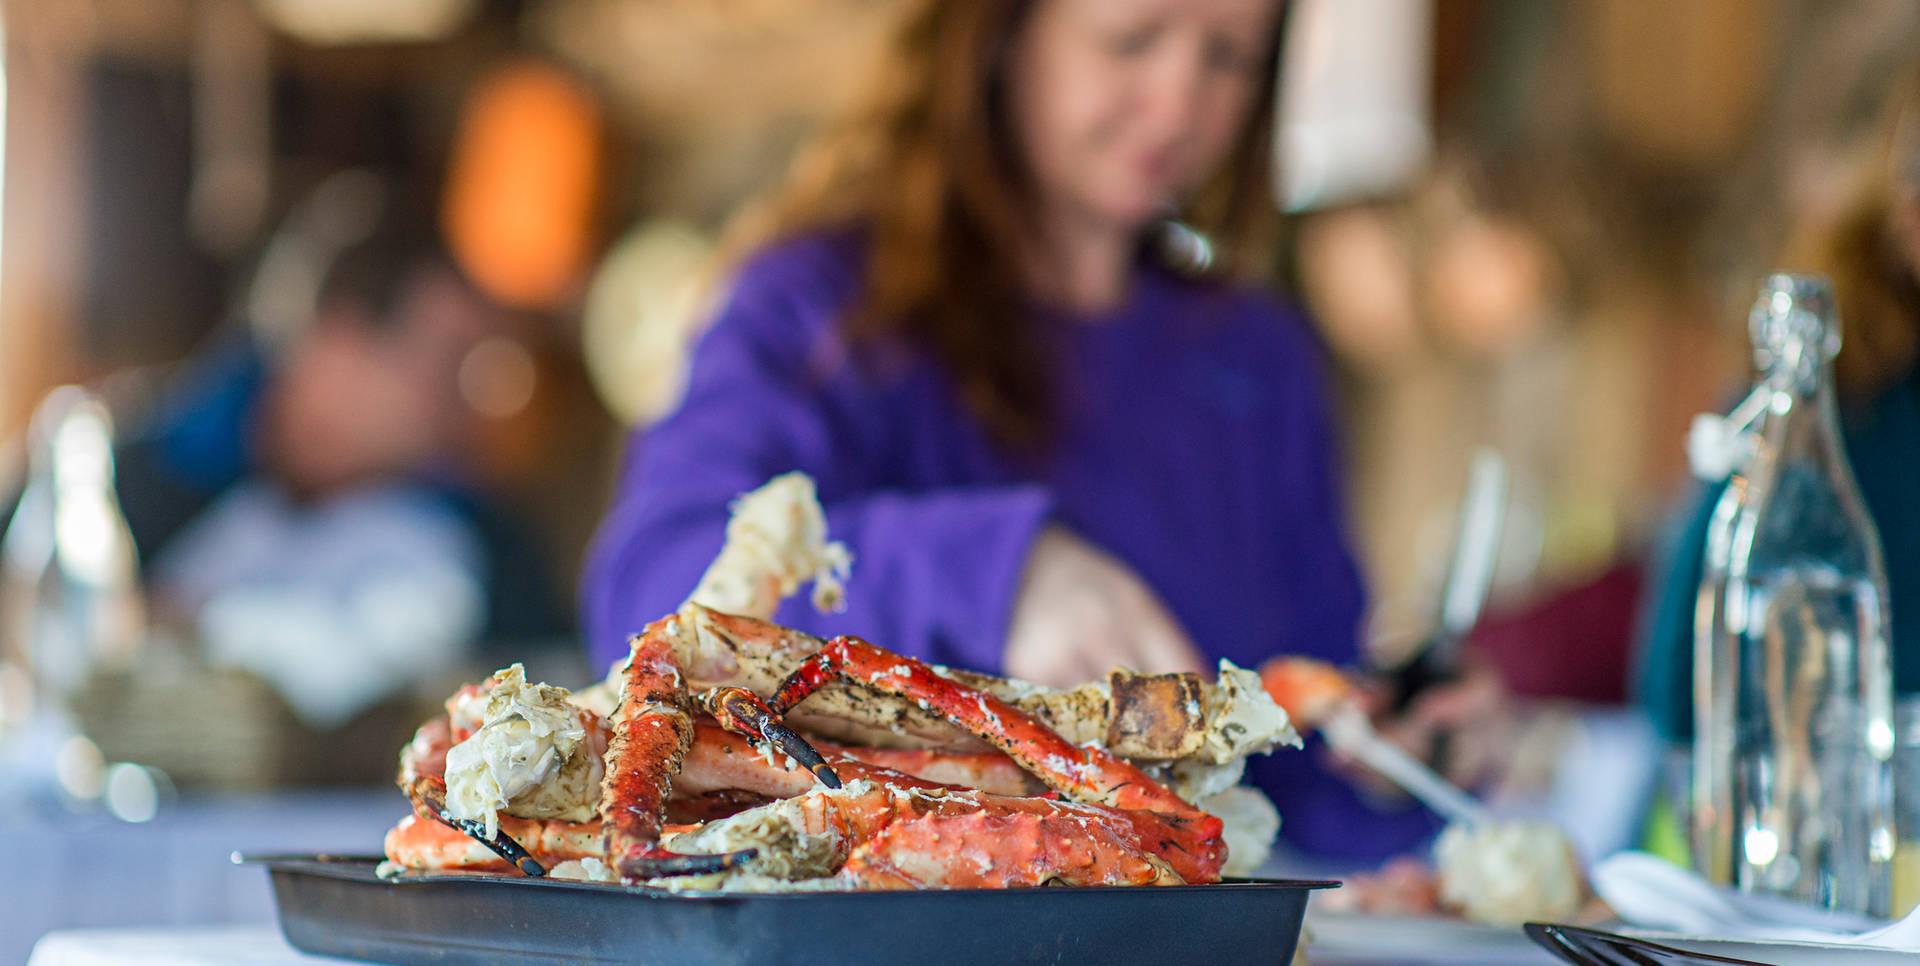 Juicy king crab legs